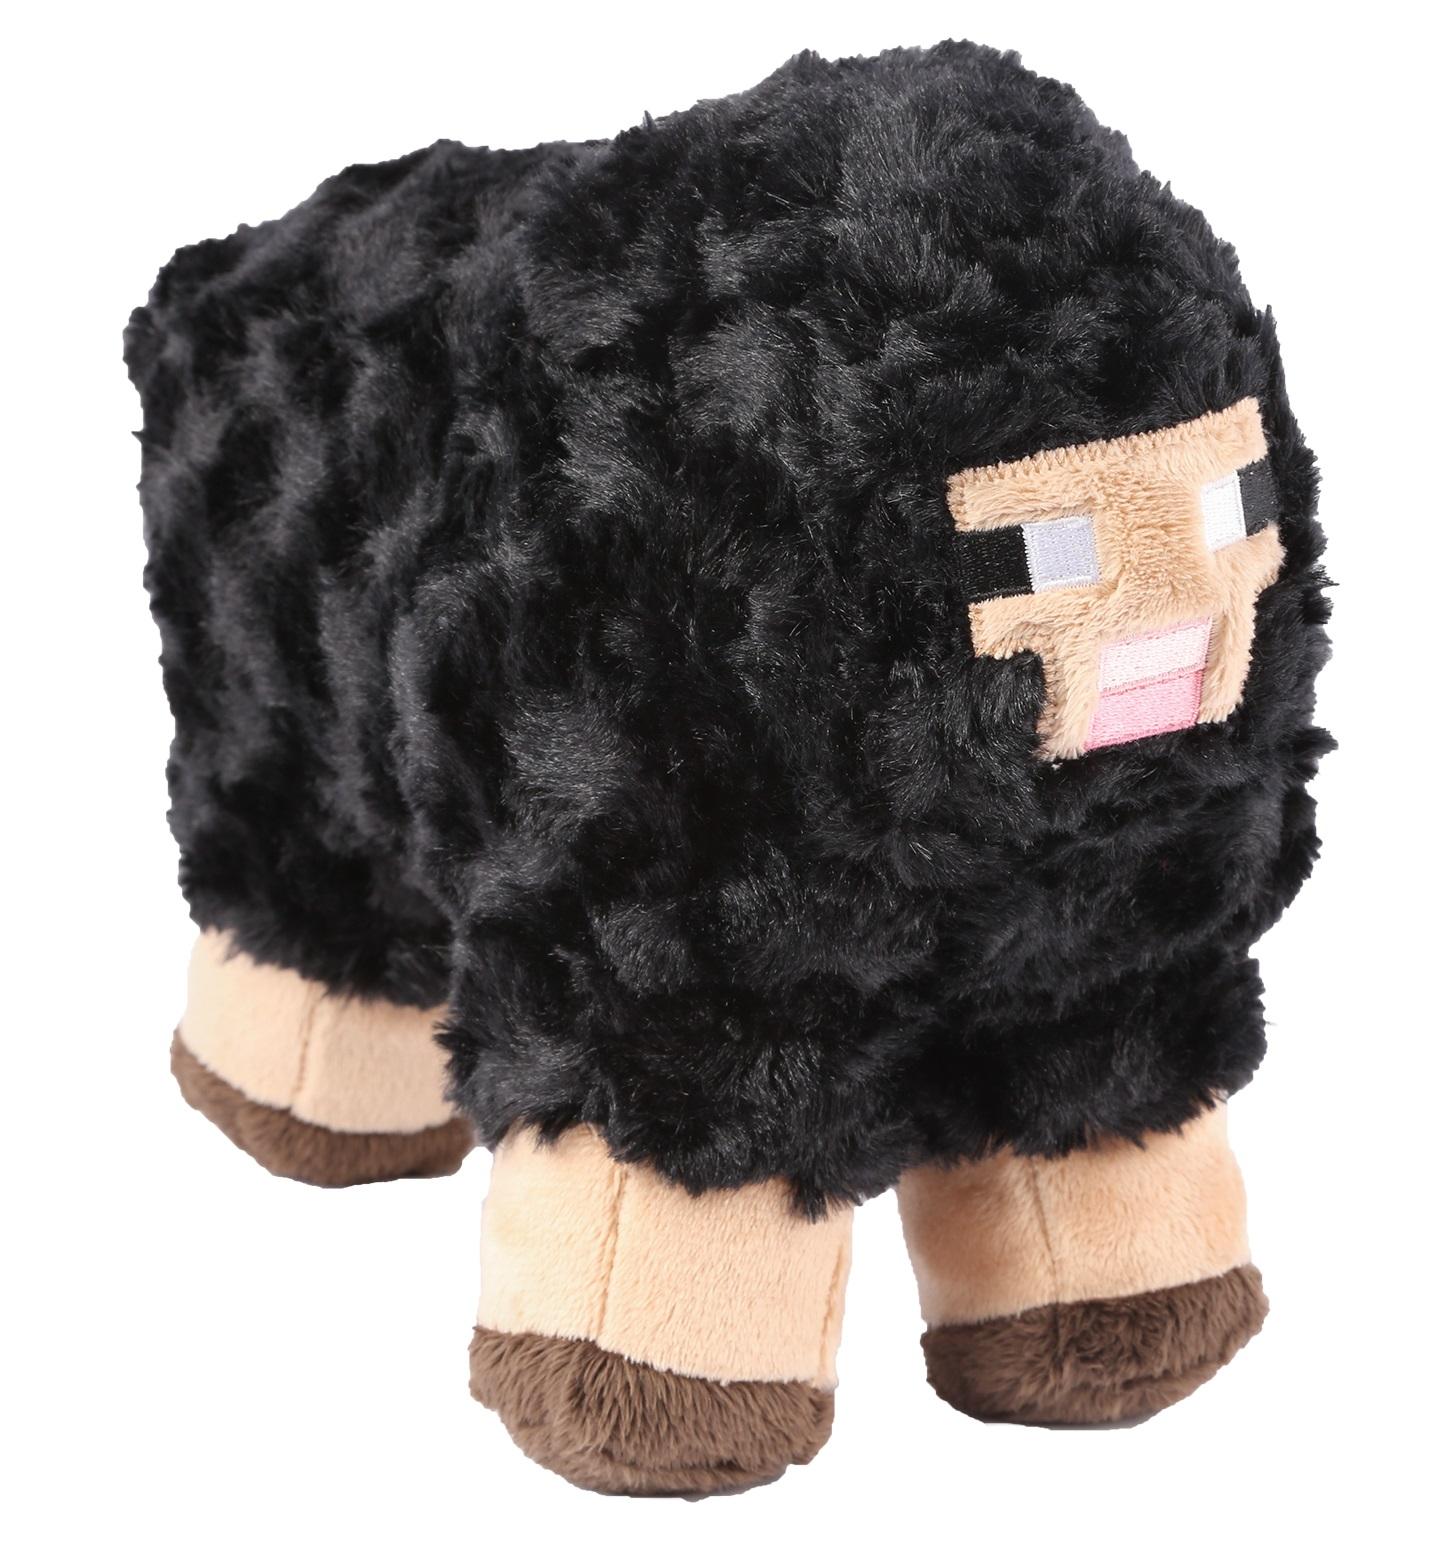 Мягкая игрушка Minecraft: Sheep (26 см)Мягкая игрушка Minecraft: Sheep создана для настоящих ценителей компьютерной игры Майнкрафт.<br>